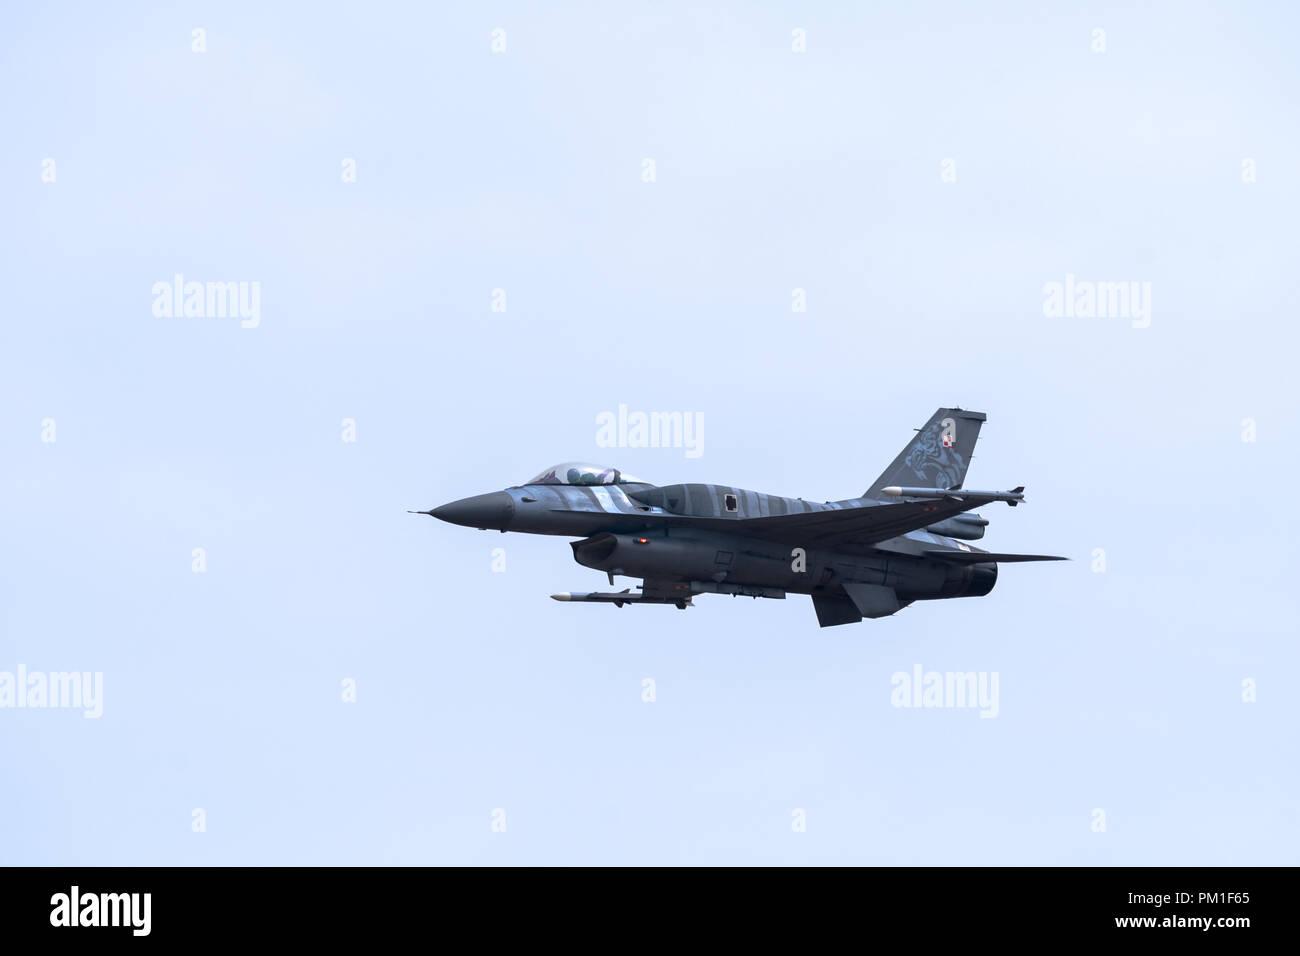 FAIRFORD, UK, 13 juillet 2018: une photographie de la documentation d'une armée de l'Air polonaise Lockheed Martin F-16C Fighting Falcon fighter aircraft affichage à RAF Fairf Banque D'Images